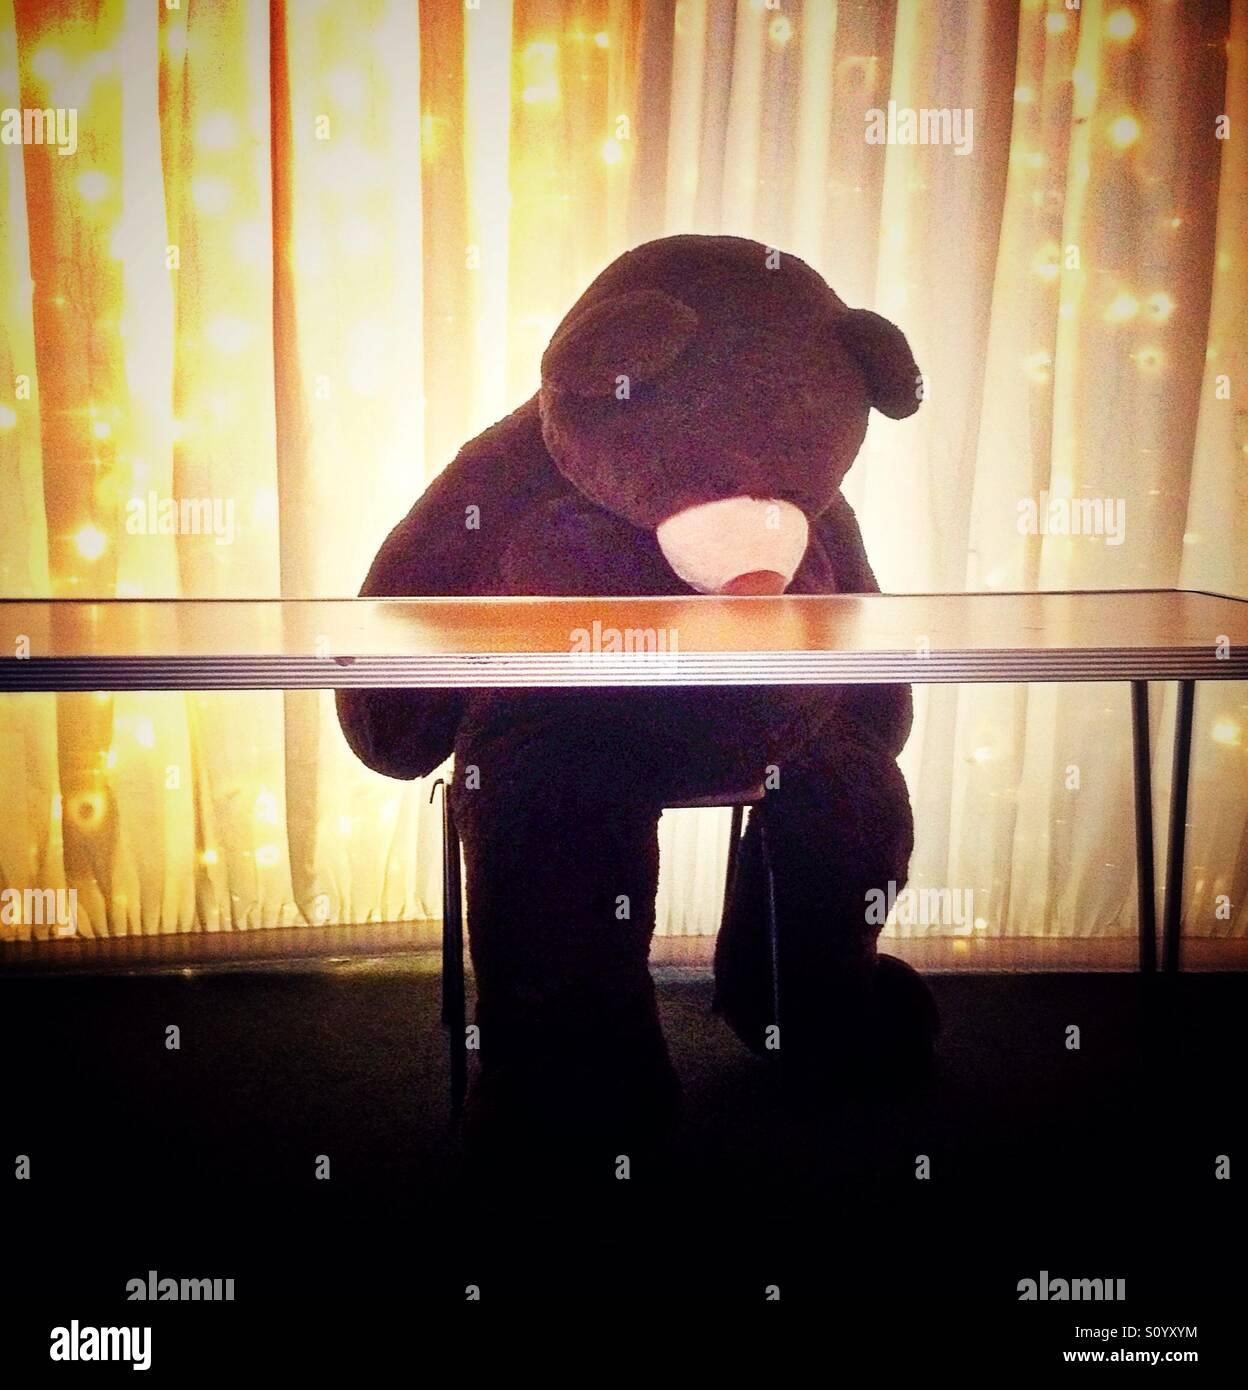 Oso de peluche gigante sentado en la mesa mirando Solo y triste Imagen De Stock